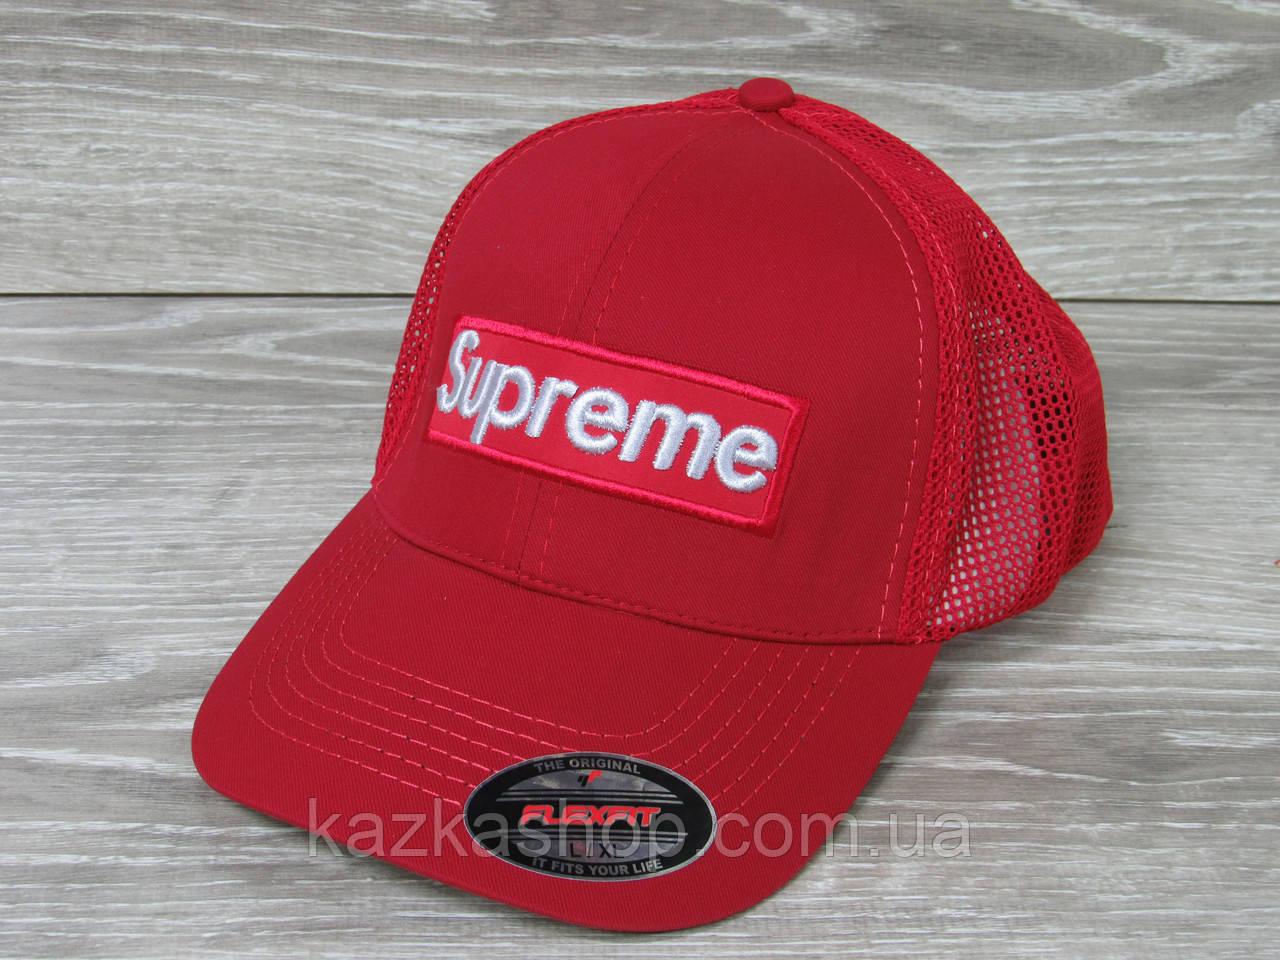 Стильная мужская кепка, бейсболка, вышивка логотипа в стиле Supreme (реплика), сетка, размер 56-58, на резинке